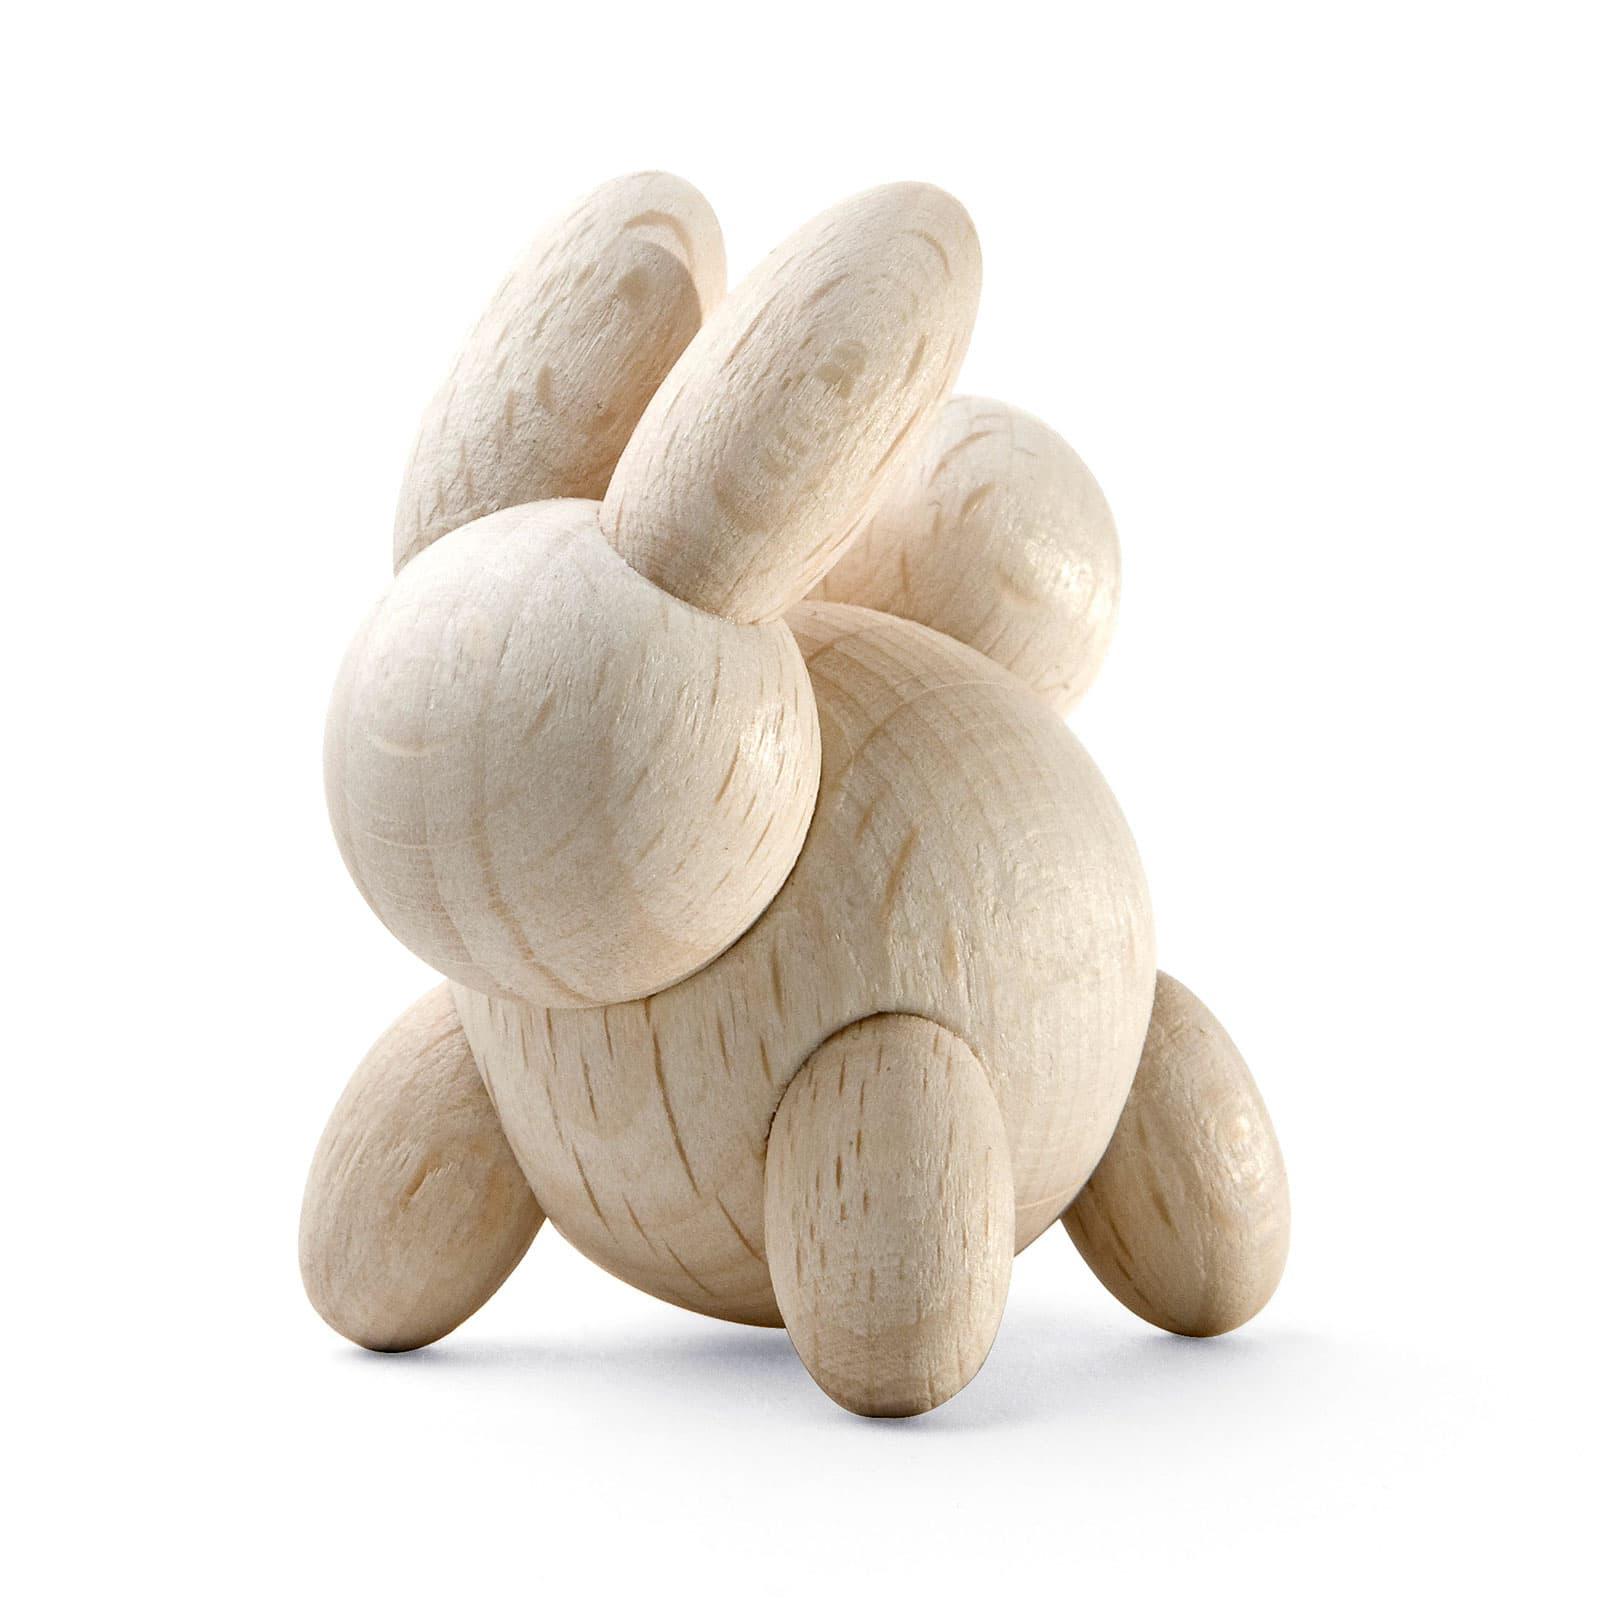 coniglietto in legno 01